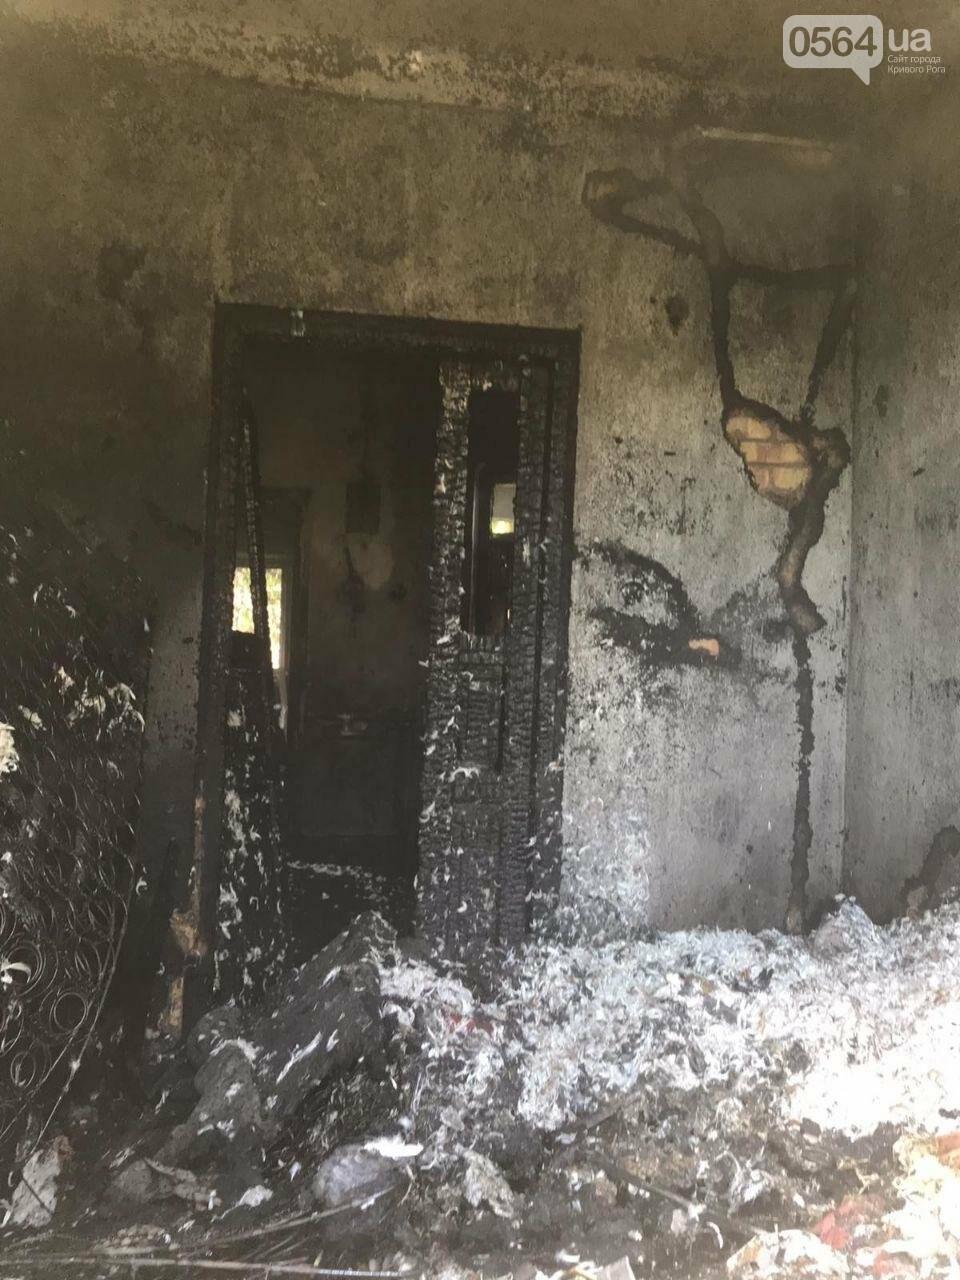 Из горящего дома криворожские спасатели эвакуировали 89-летнюю женщину, фото-3